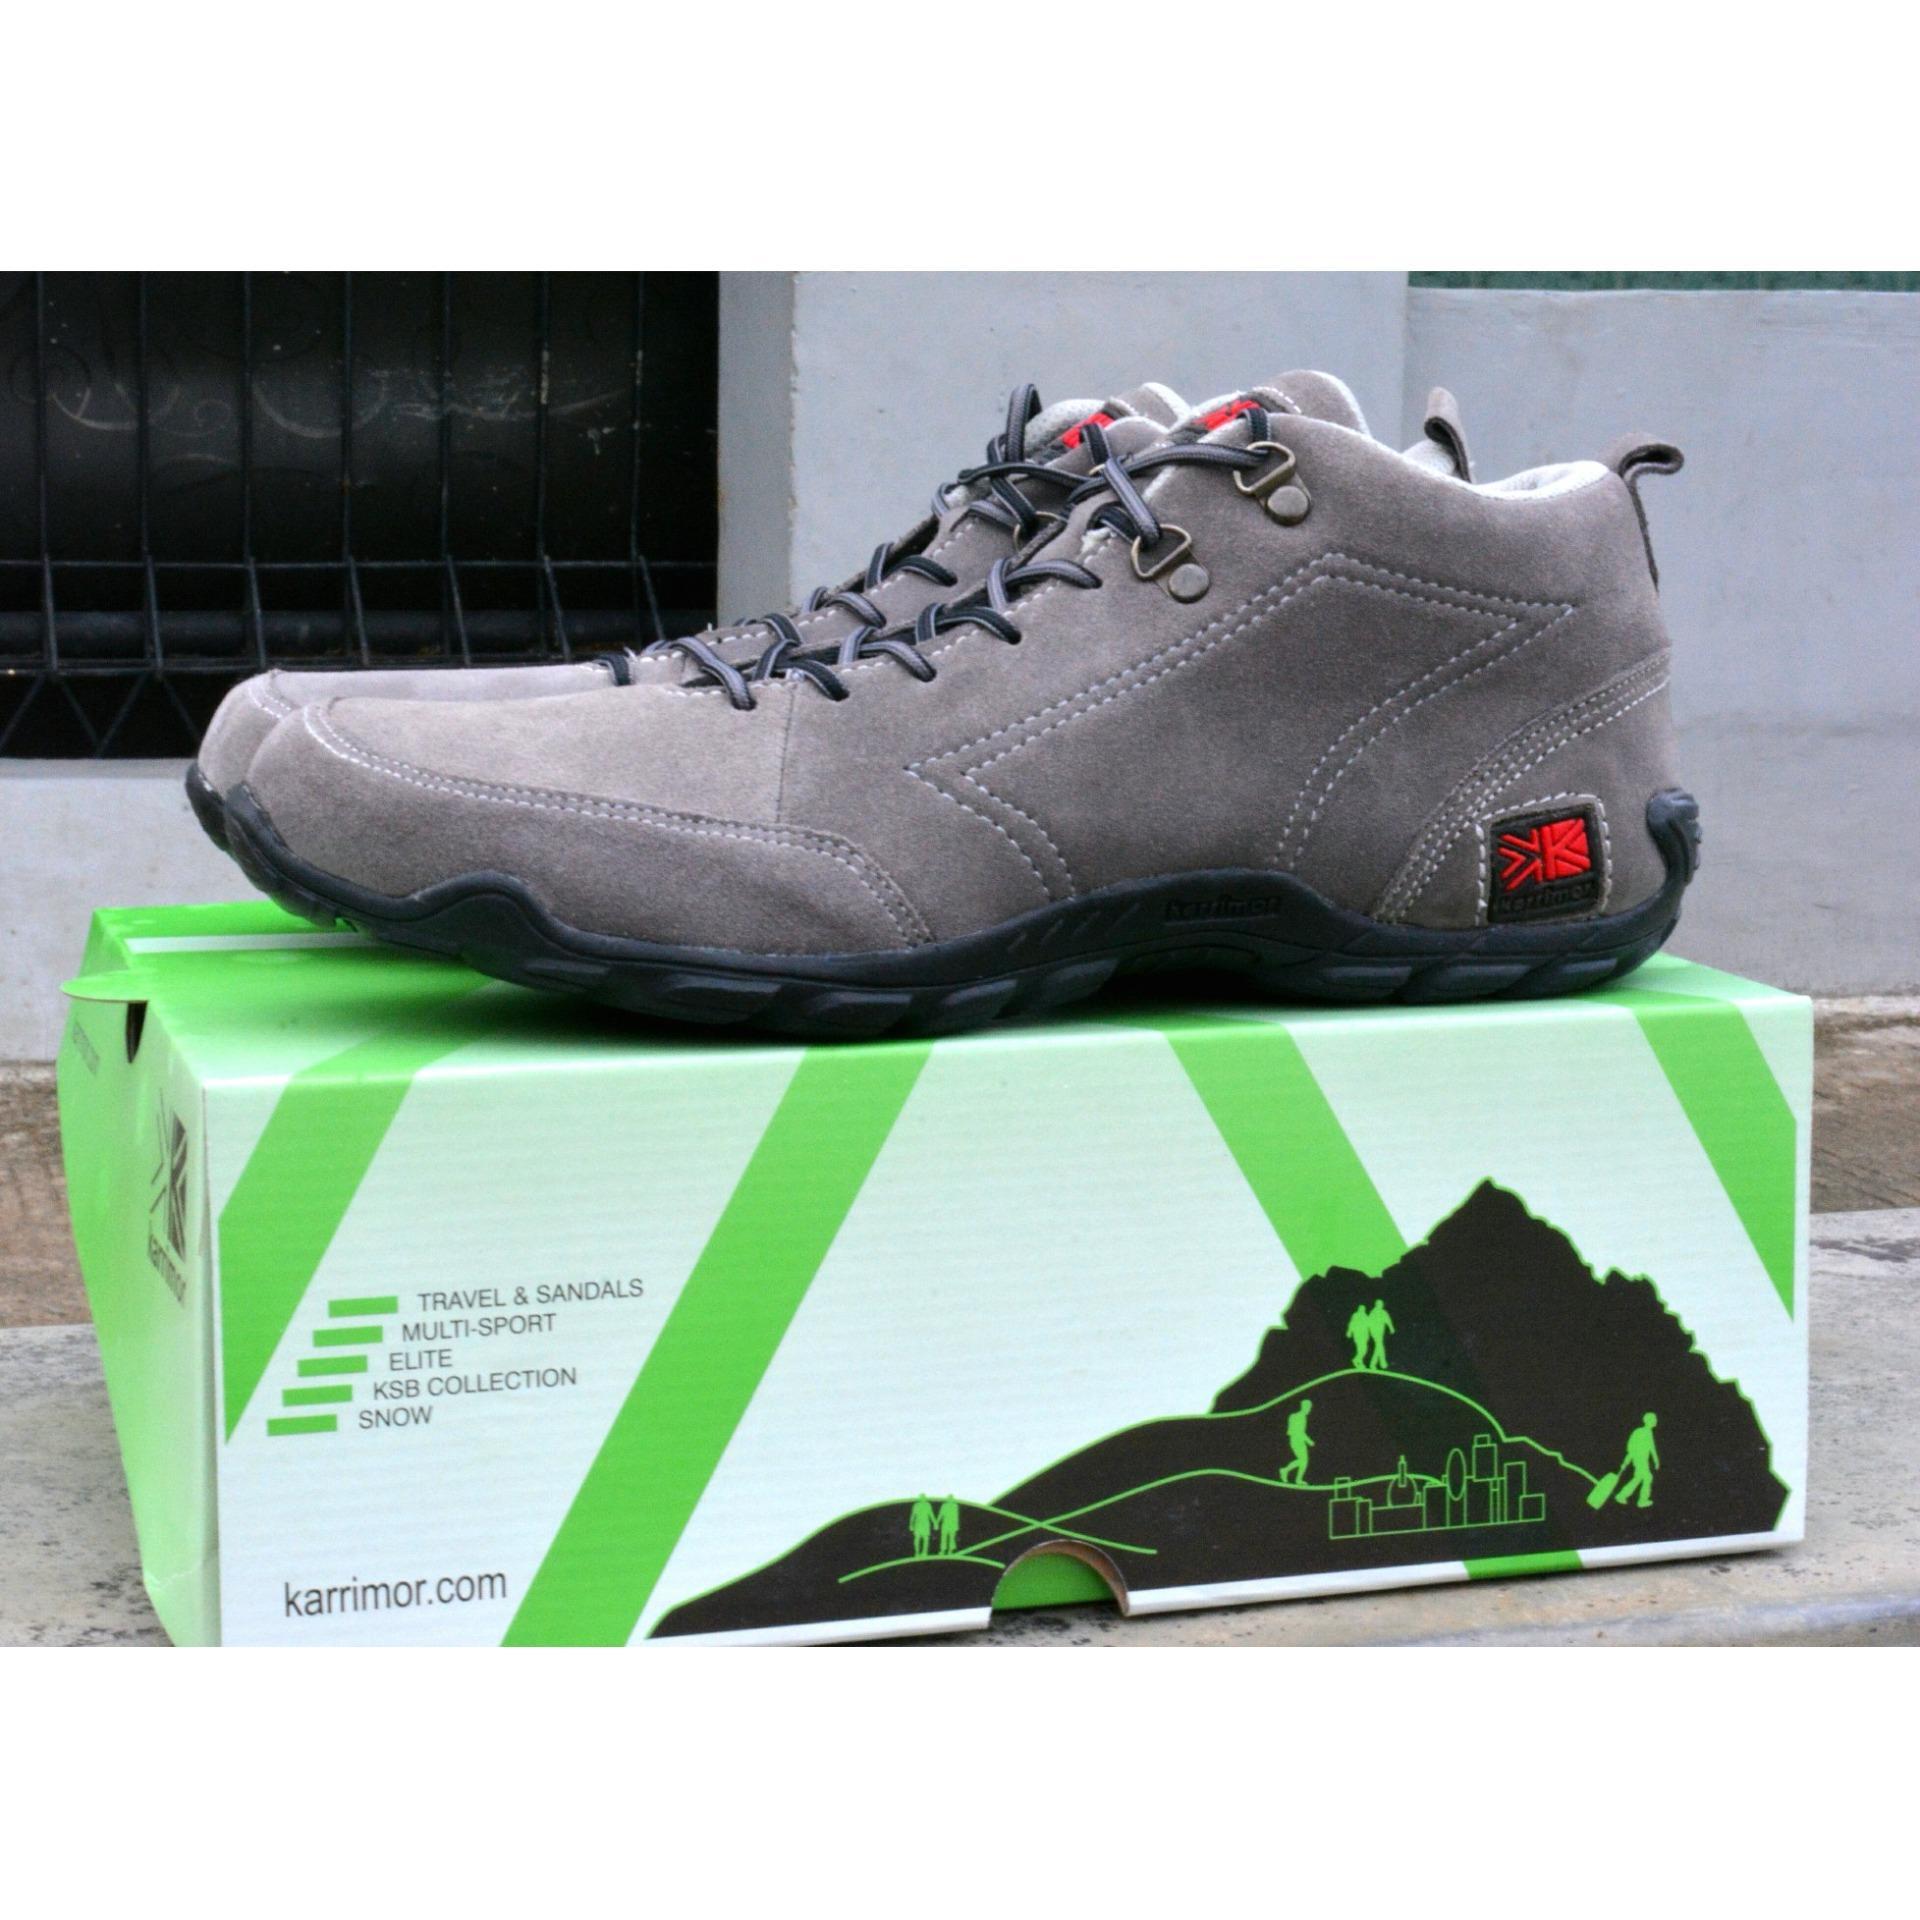 Jual Produk Karrimor Terlengkap Termurah Sepatu